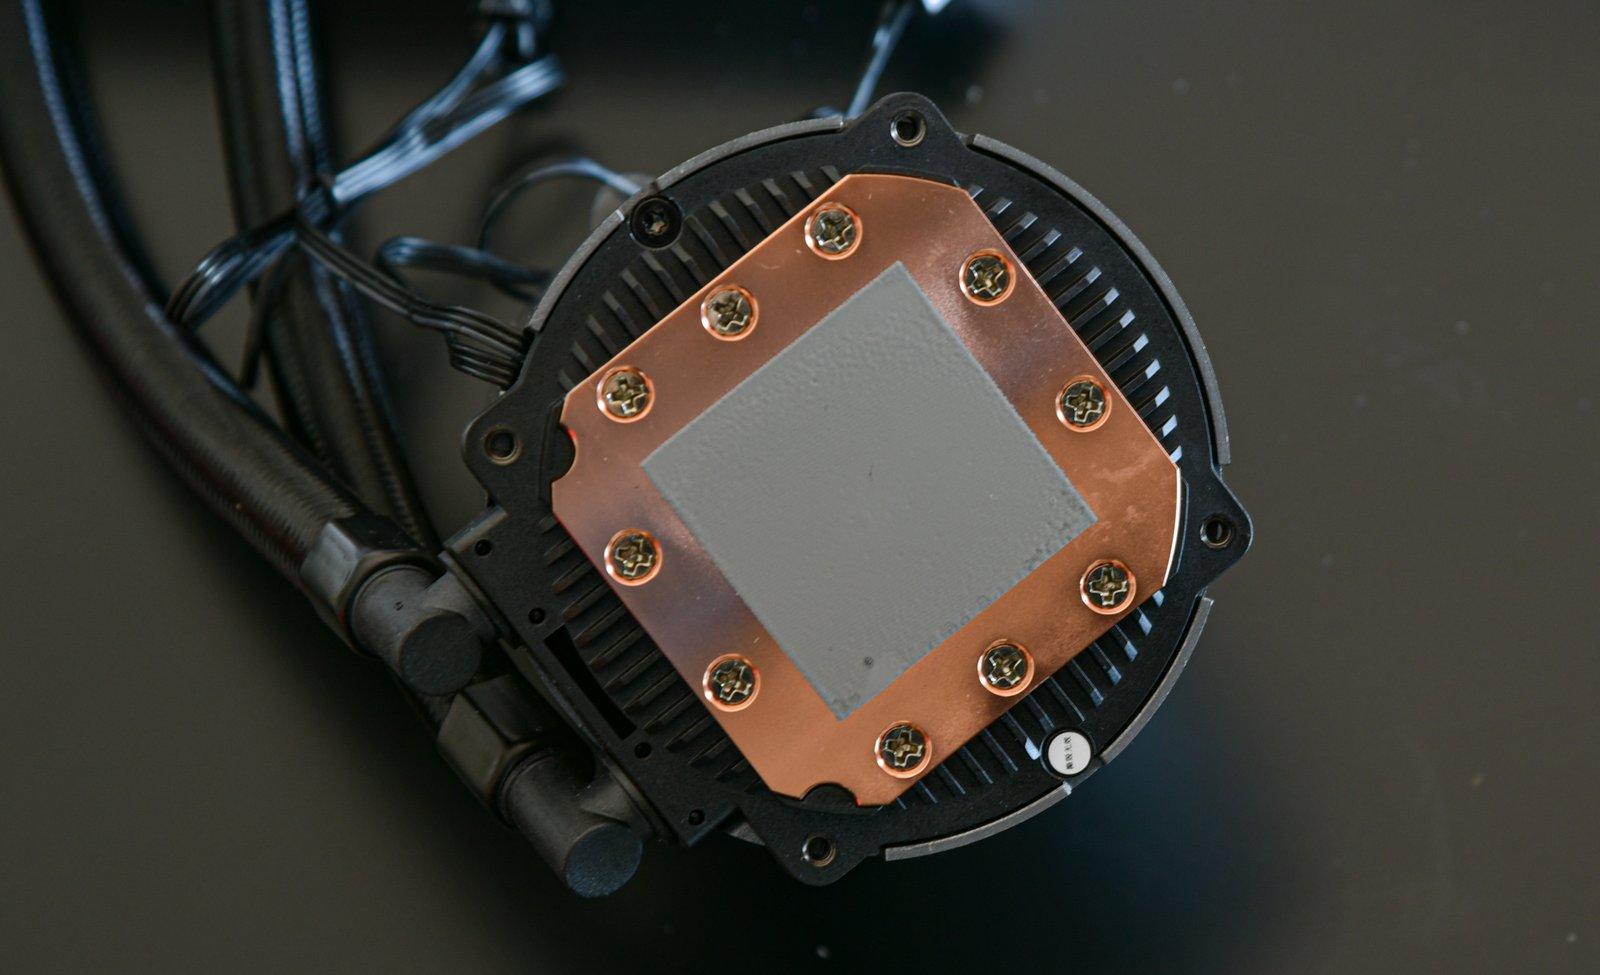 قیمت خنک کننده مایع سی پی یو دیپ کول مدل CASTLE 240 RGB V2